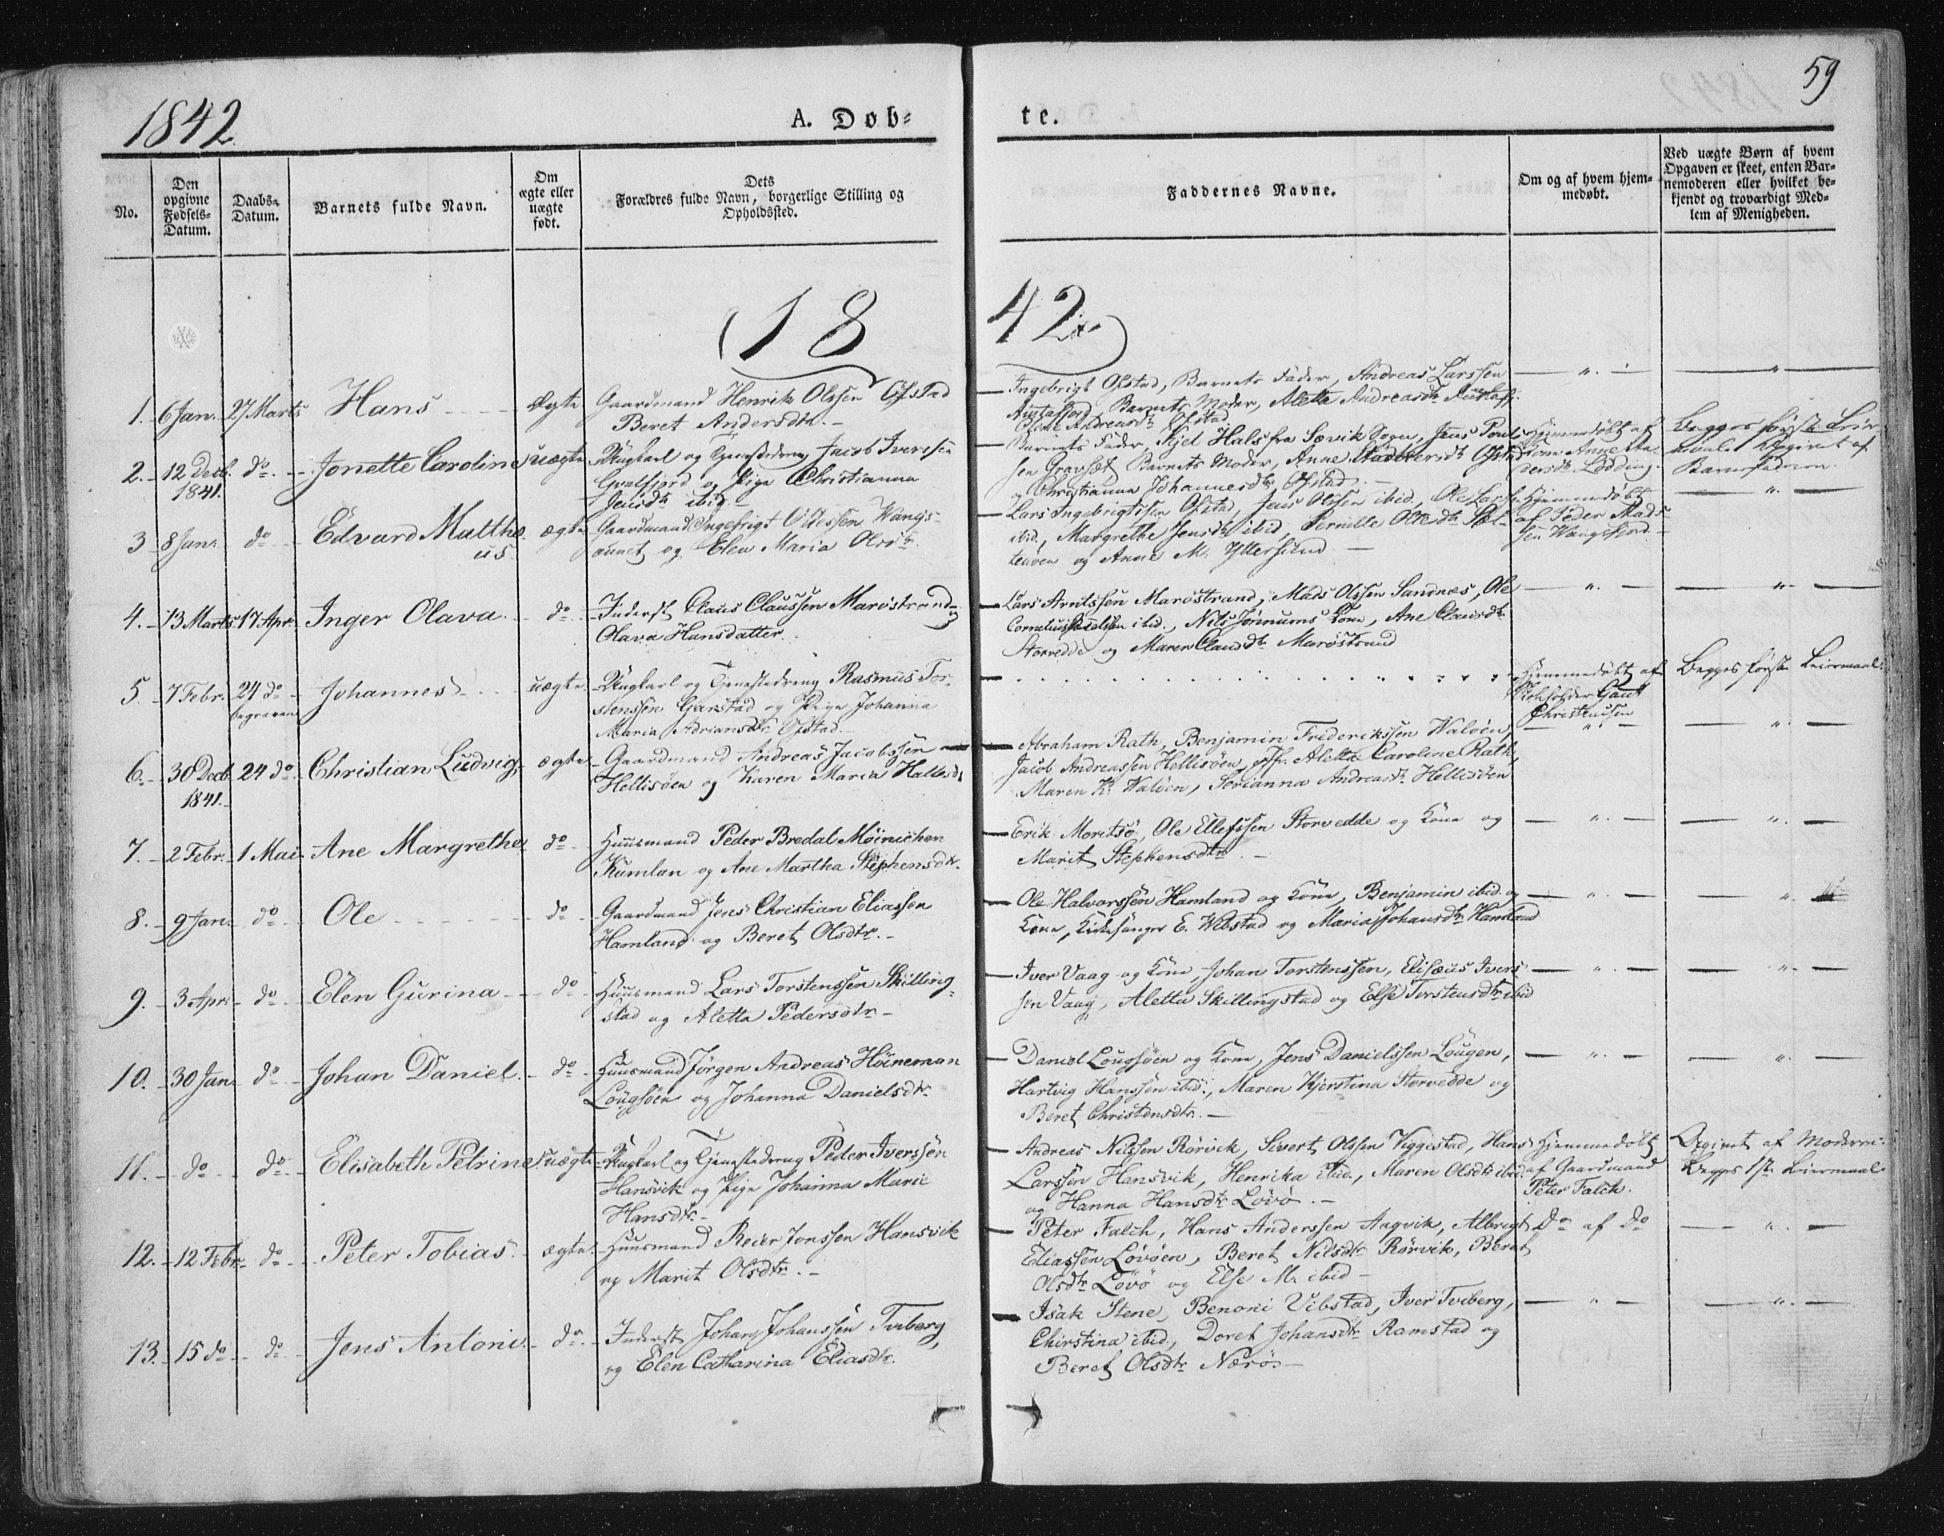 SAT, Ministerialprotokoller, klokkerbøker og fødselsregistre - Nord-Trøndelag, 784/L0669: Ministerialbok nr. 784A04, 1829-1859, s. 59